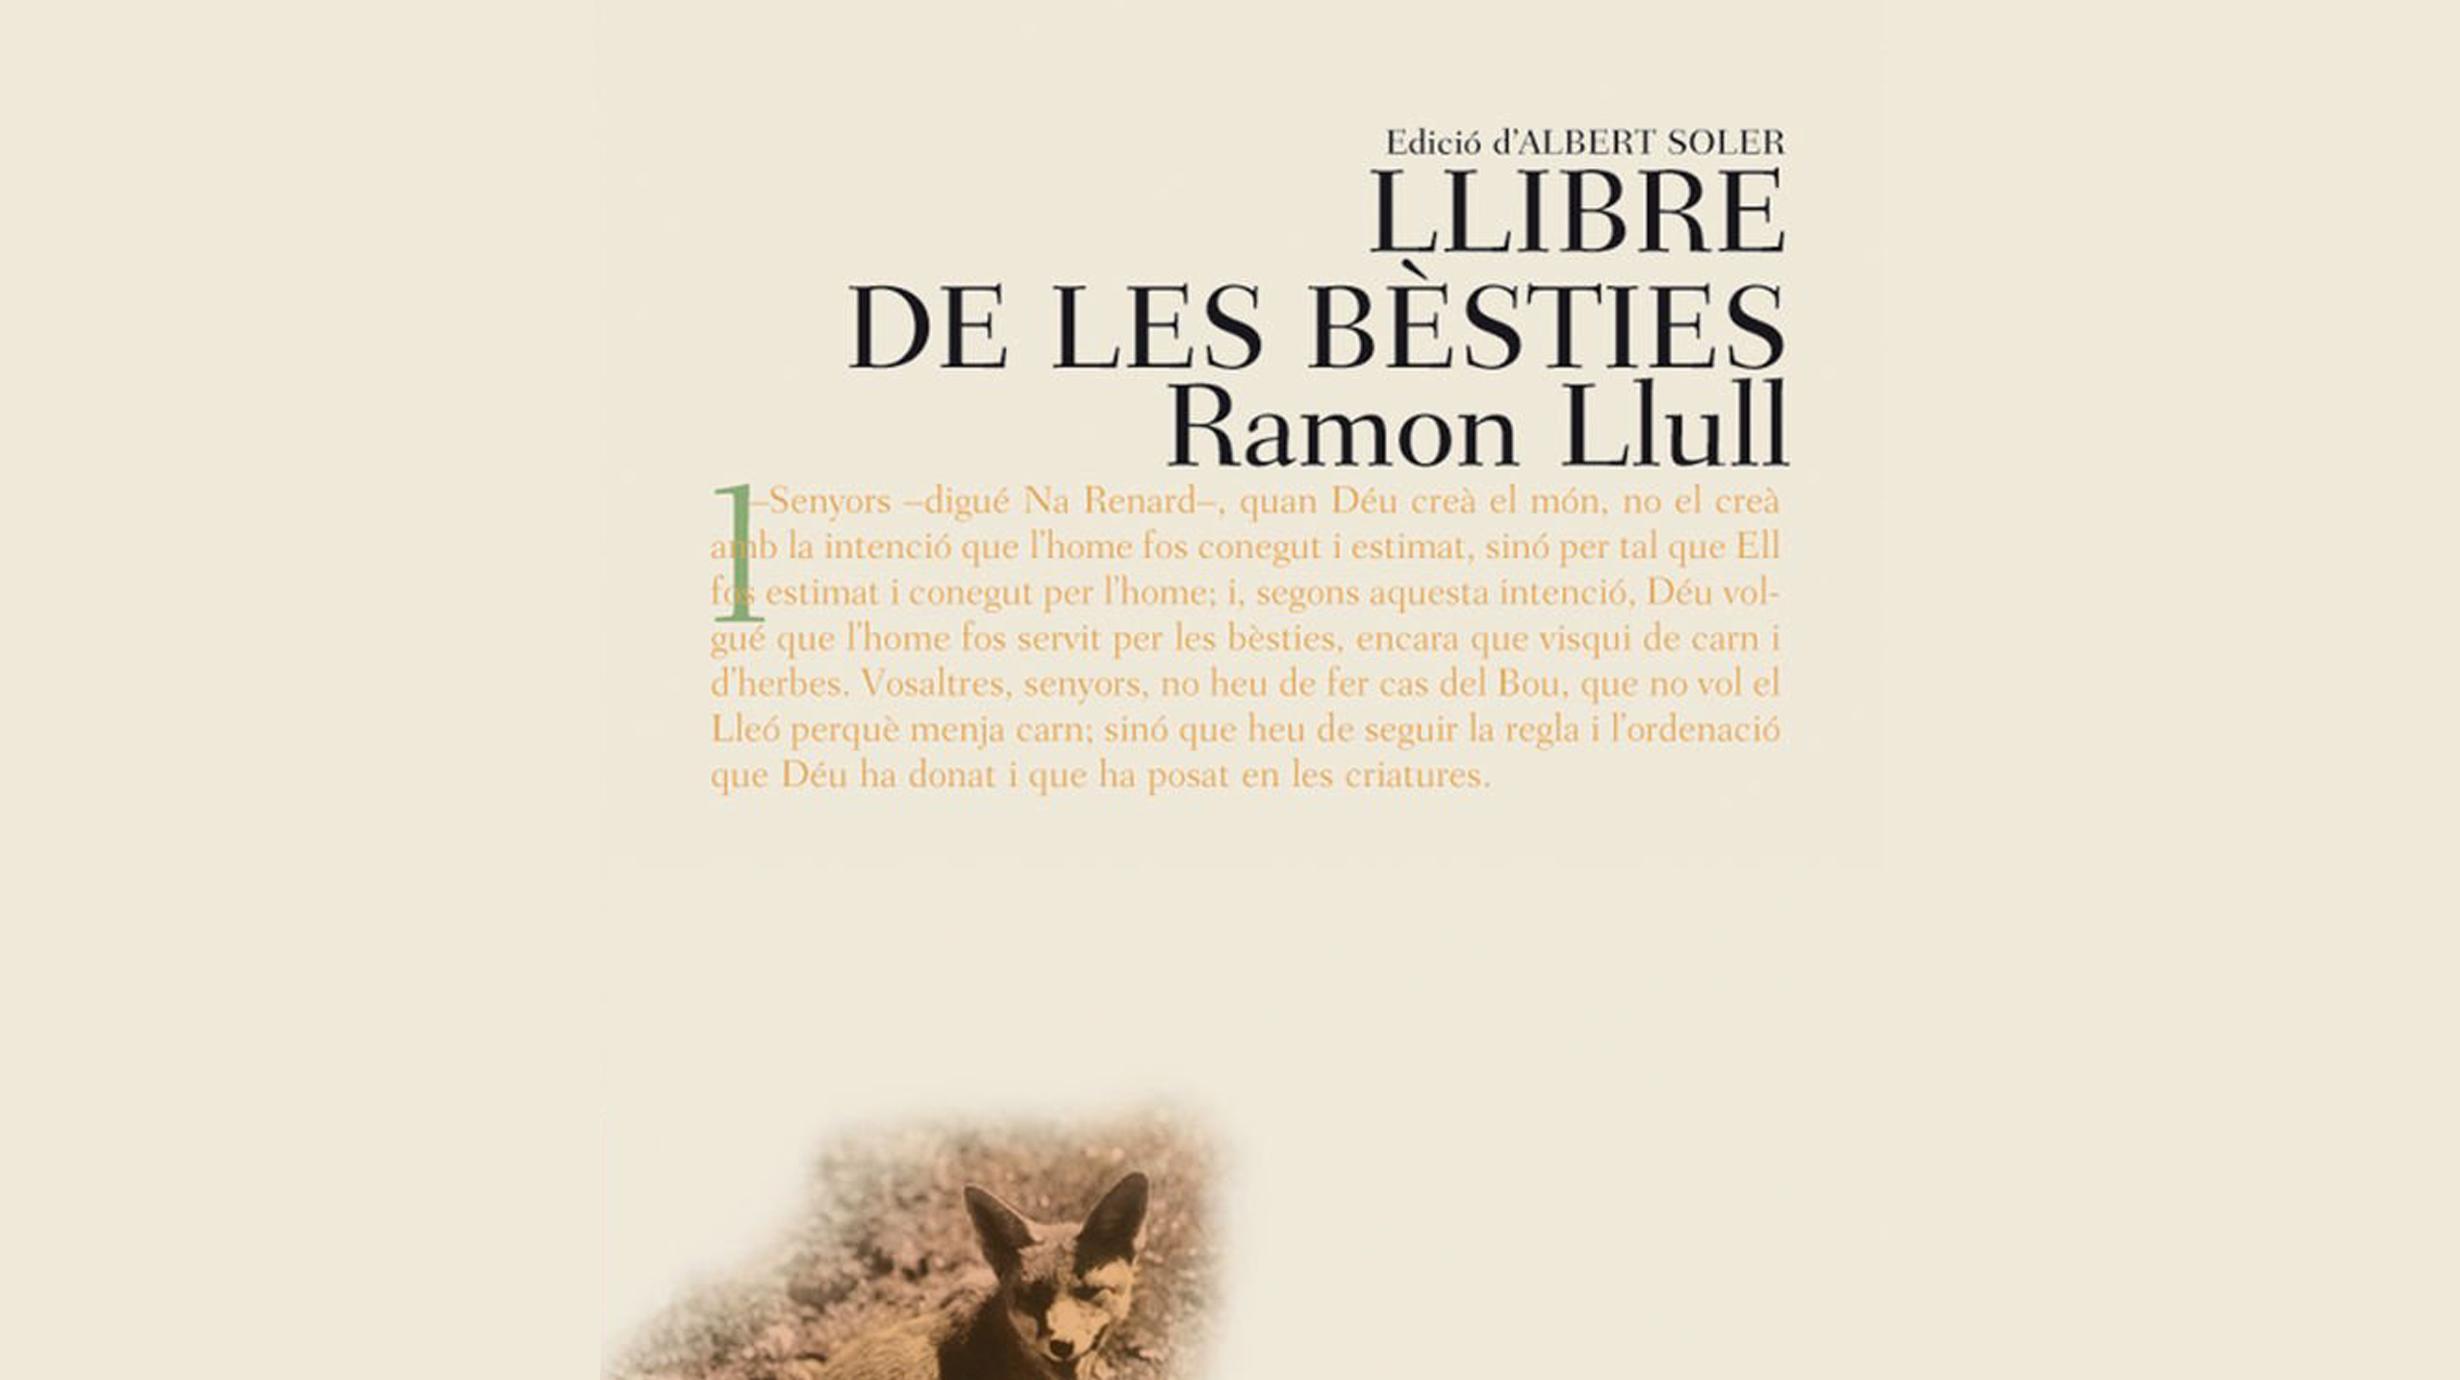 Contes a cau d'orella. Contes dels Llibre de les Bèsties de Ramon Llull.